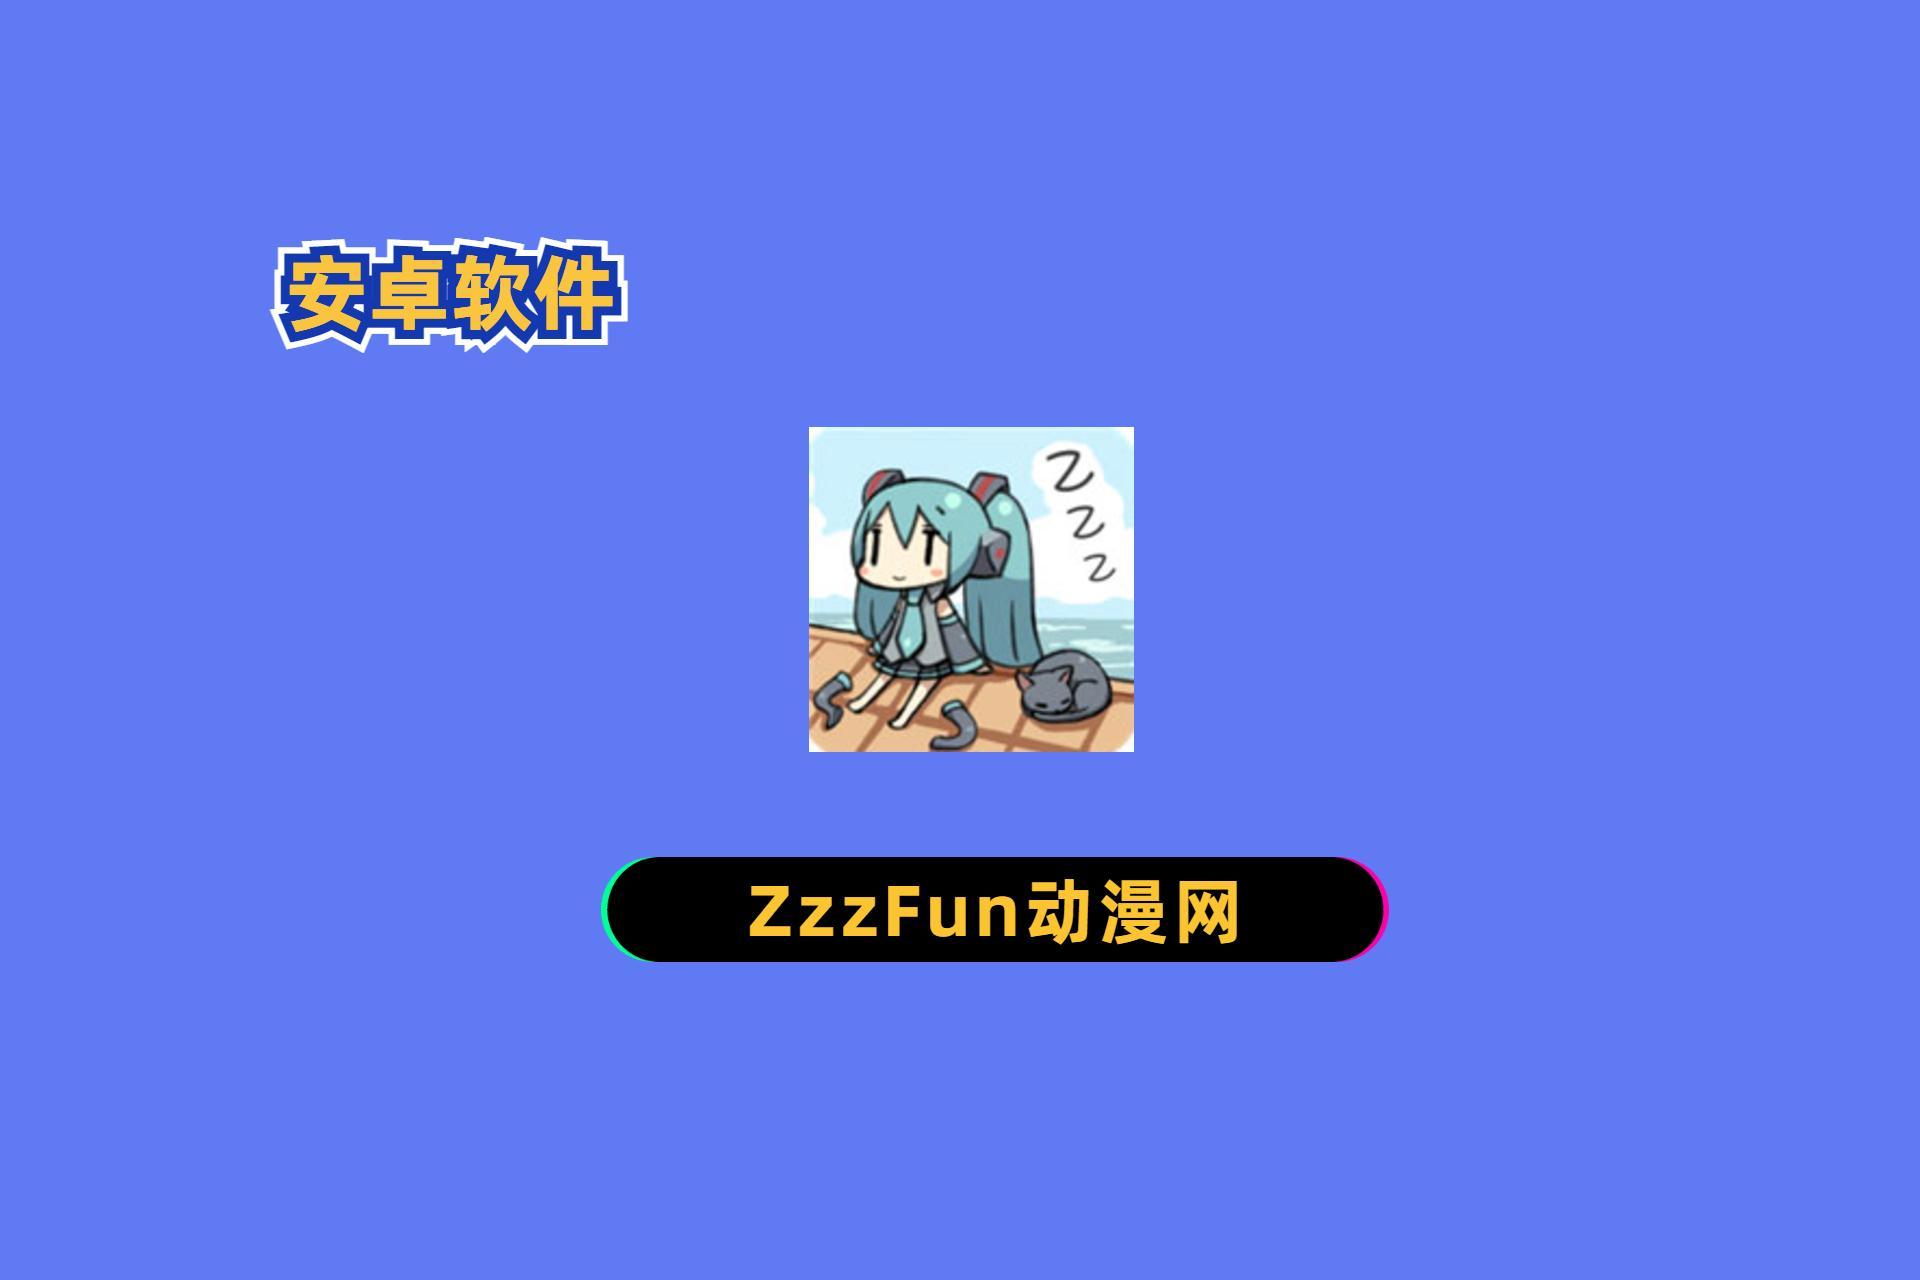 一款好用的动漫追番看剧神器:ZzzFun动漫